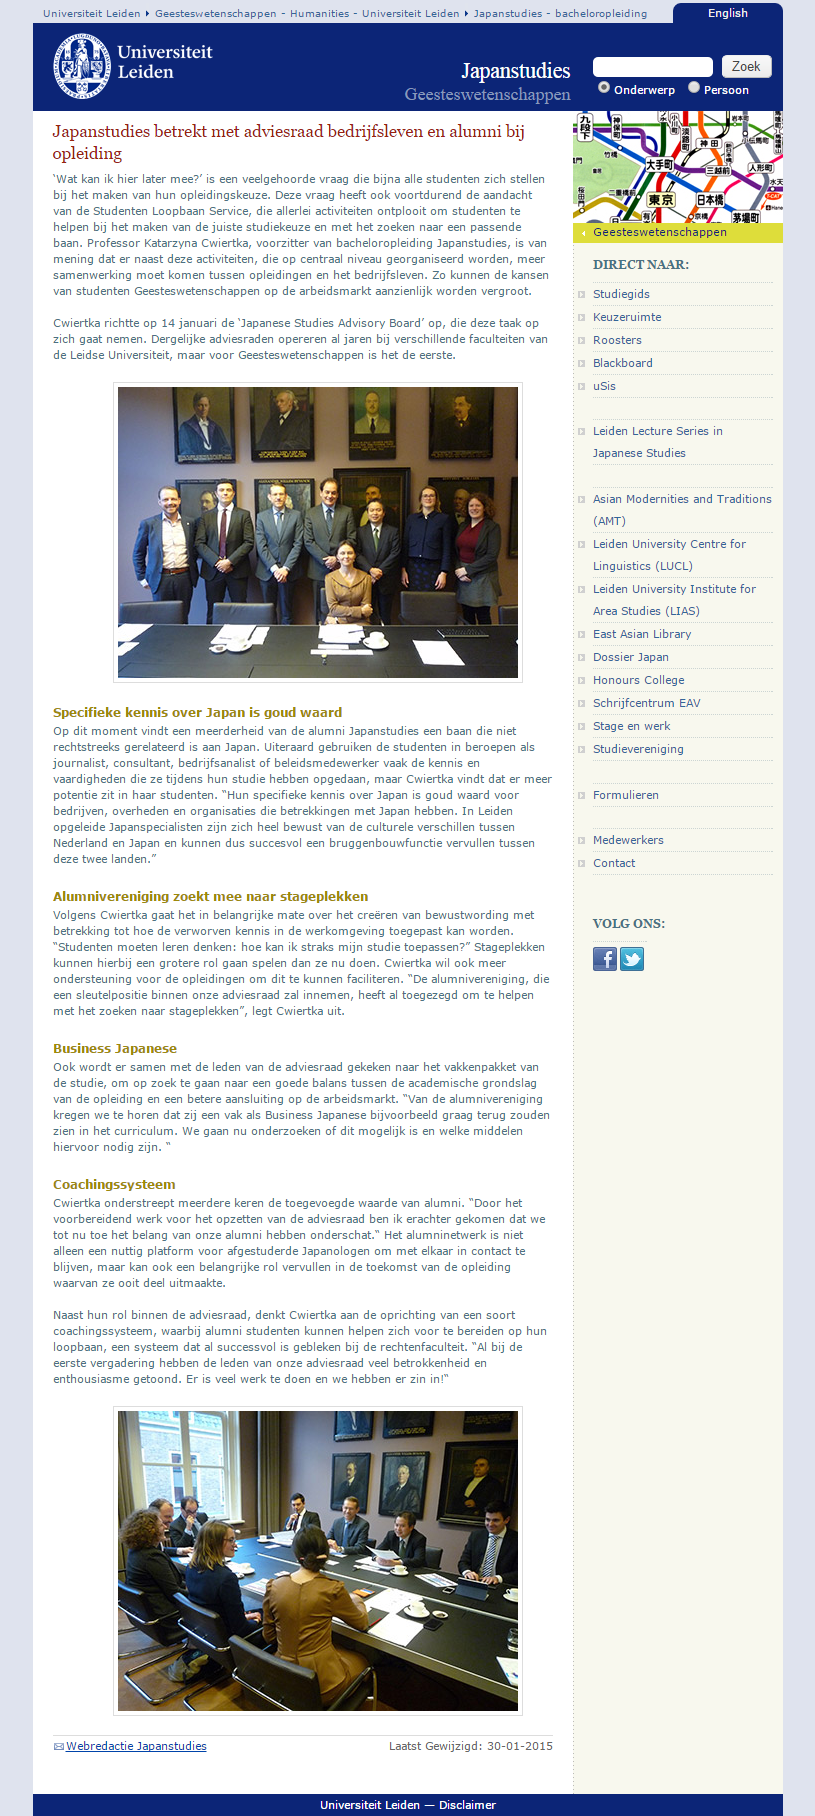 Japanstudies betrekt met adviesraad bedrijfsleven en alumni bij opleiding   Actueel   Geesteswetenschappen   Humanities   Universiteit Leiden